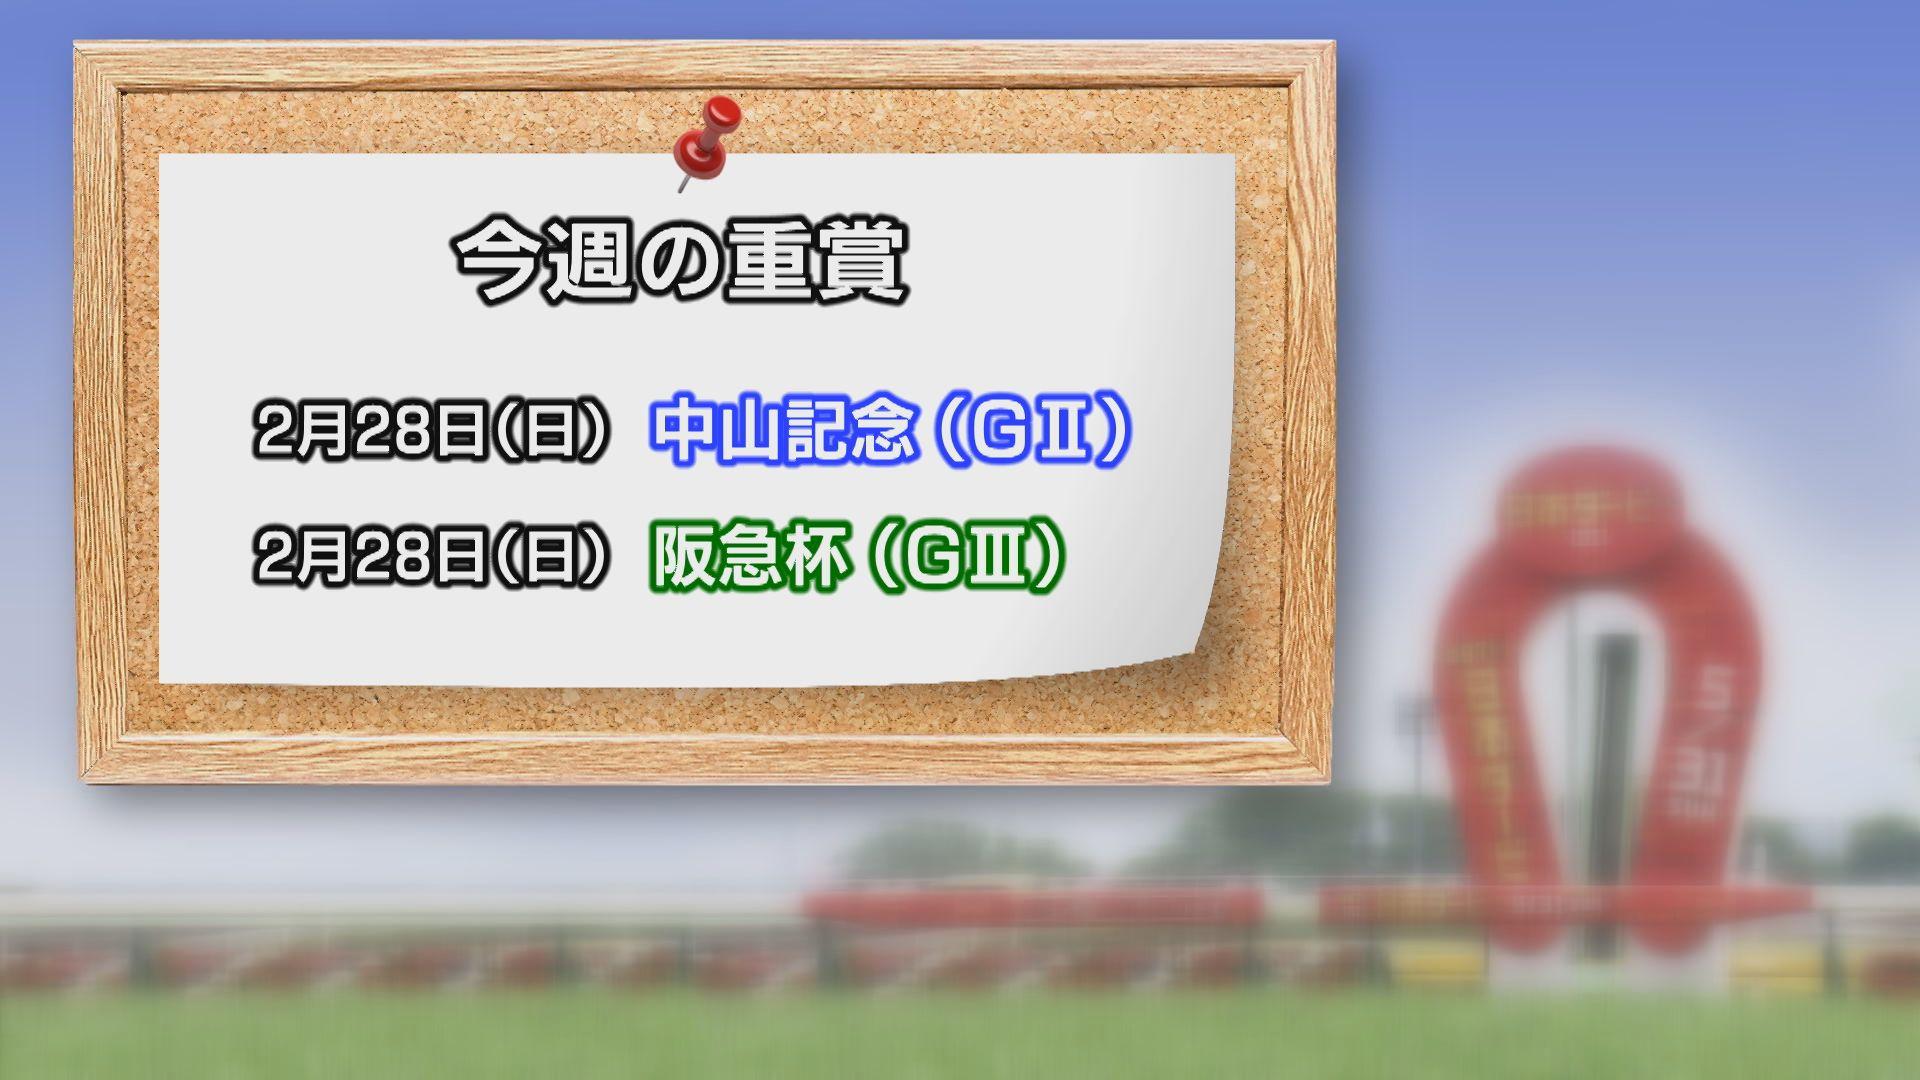 【今週の重賞インフォメーション】中山記念他 2/28(日)